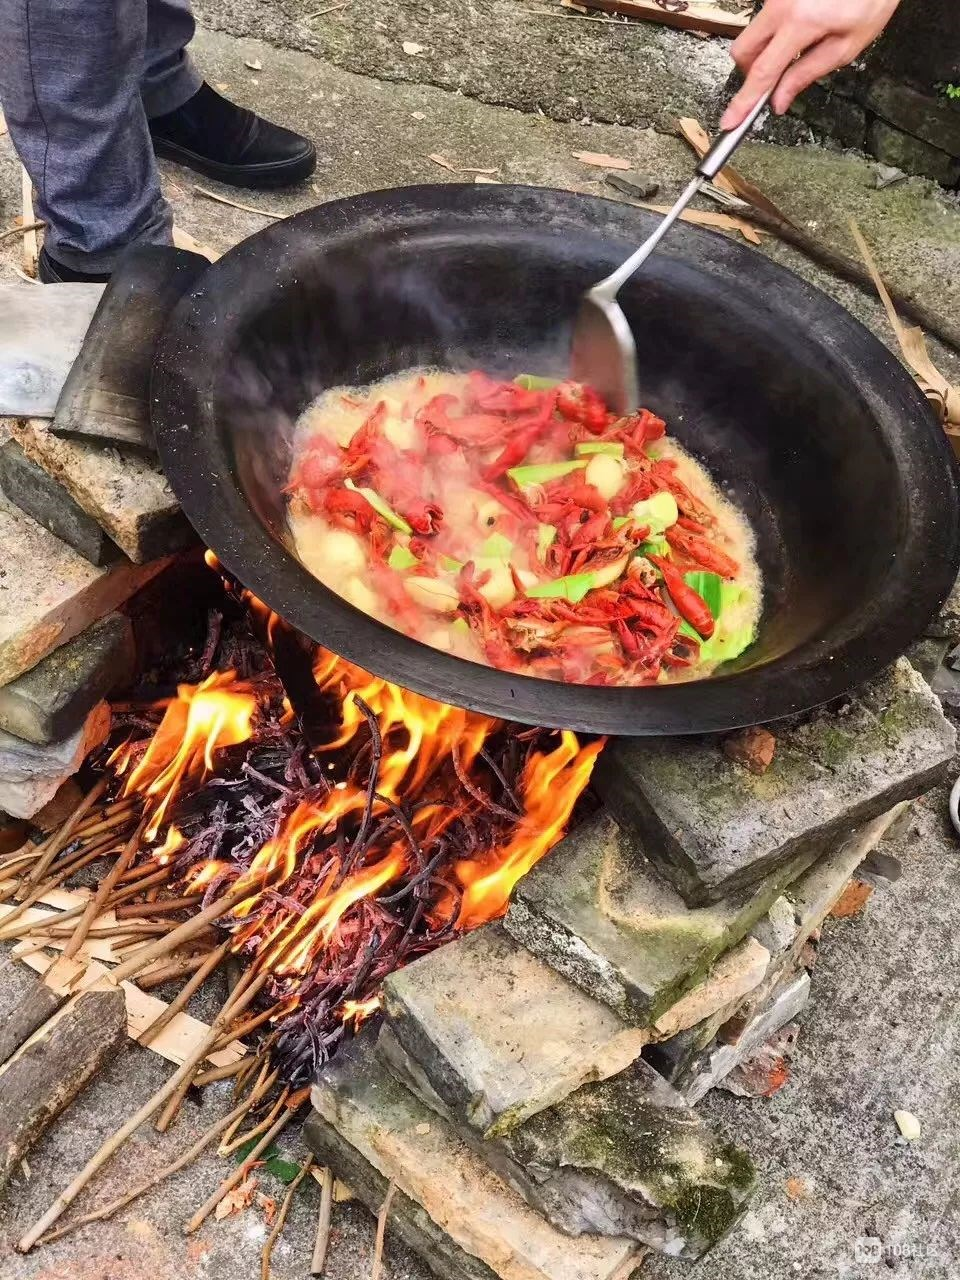 上柏立夏吃油饺,洛舍立夏吃麻团!今天你家怎么吃?